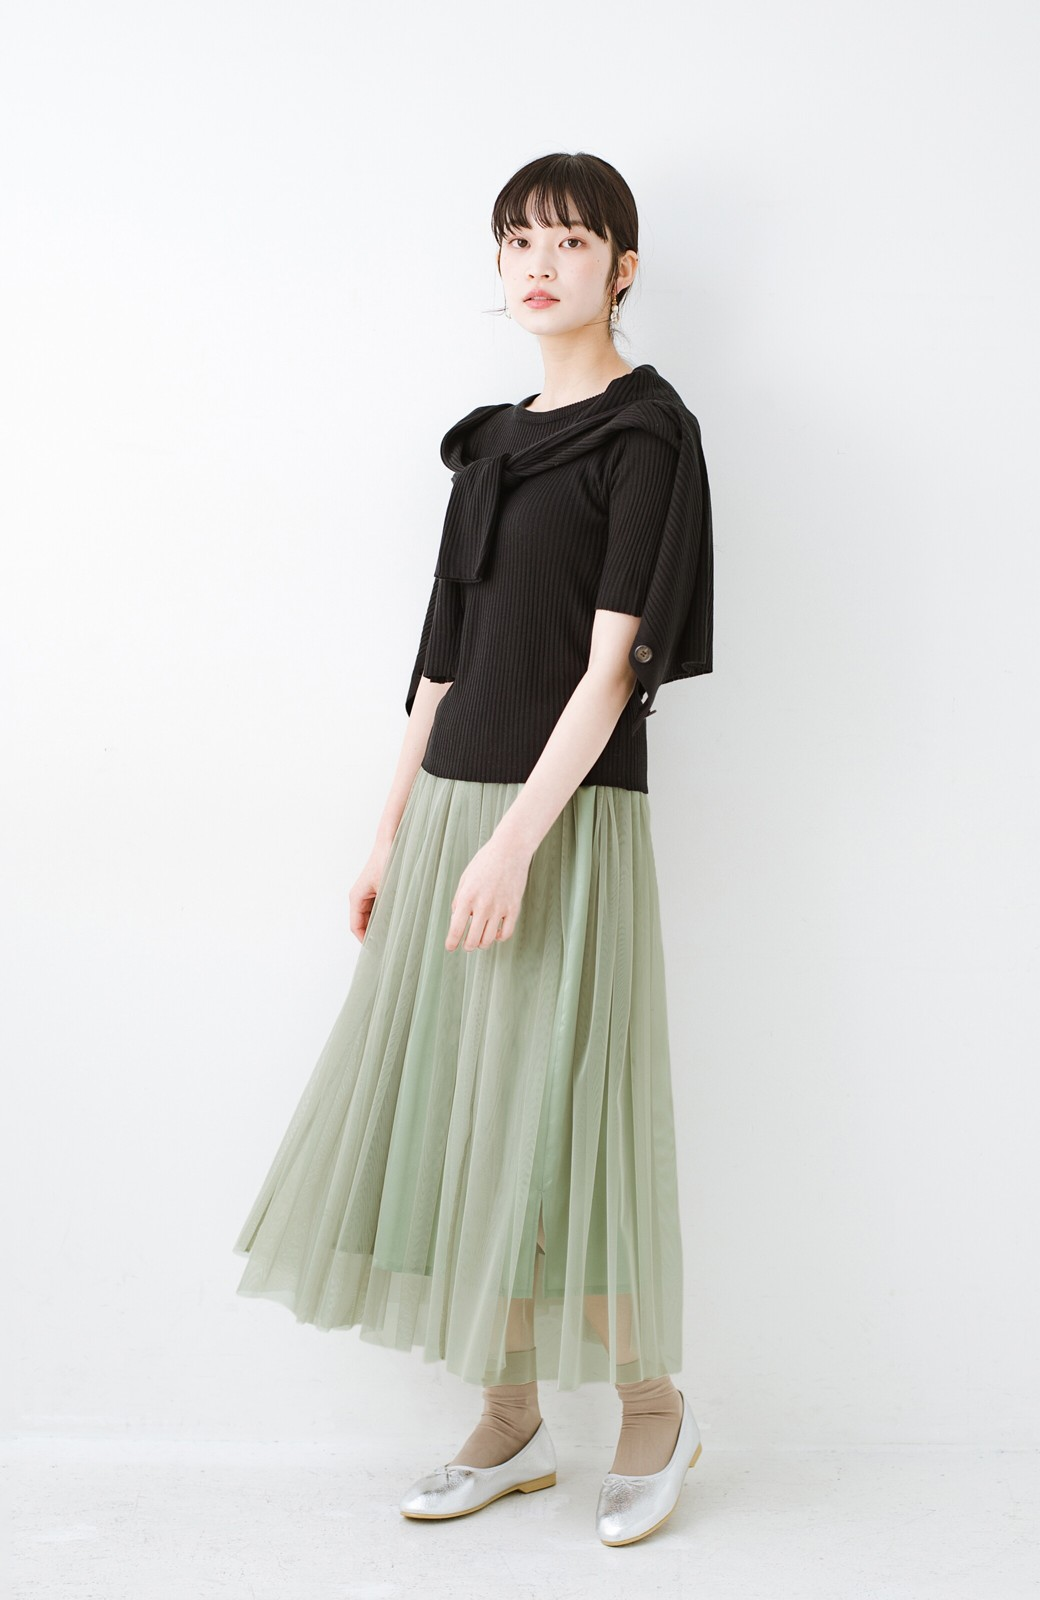 haco! 着るだけでルンとした気分になる! 長ーーい季節着られてずっと使えるオトナのためのチュールスカート <グリーン>の商品写真4